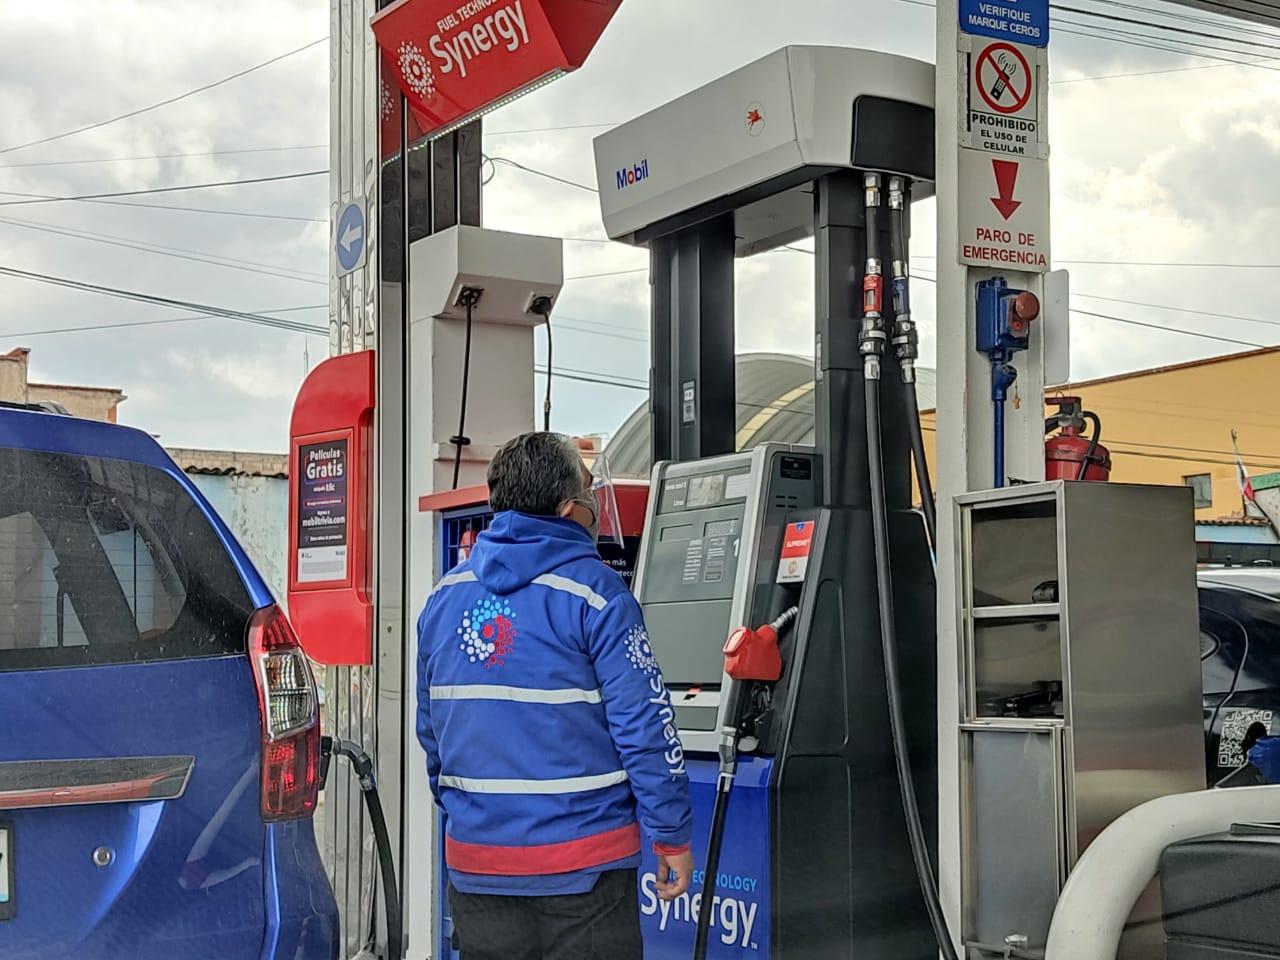 esta-es-la-gasolina-mas-barata-de-todo-toluca-metepec